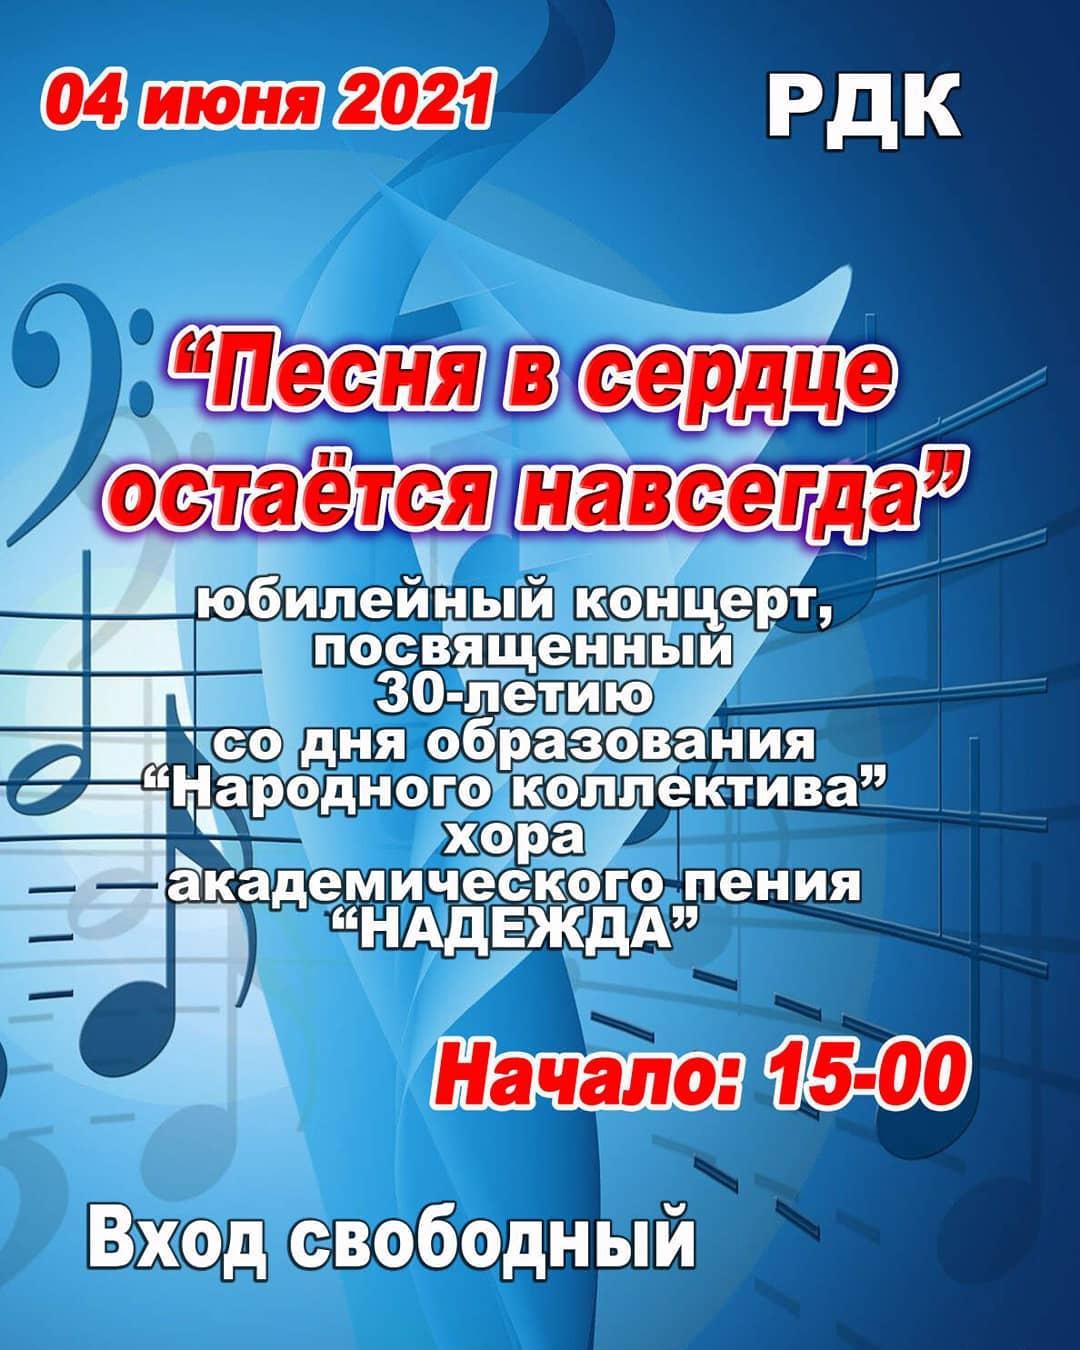 Петровчан и гостей города приглашают на юбилейный концерт хора академического пения «Надежда»